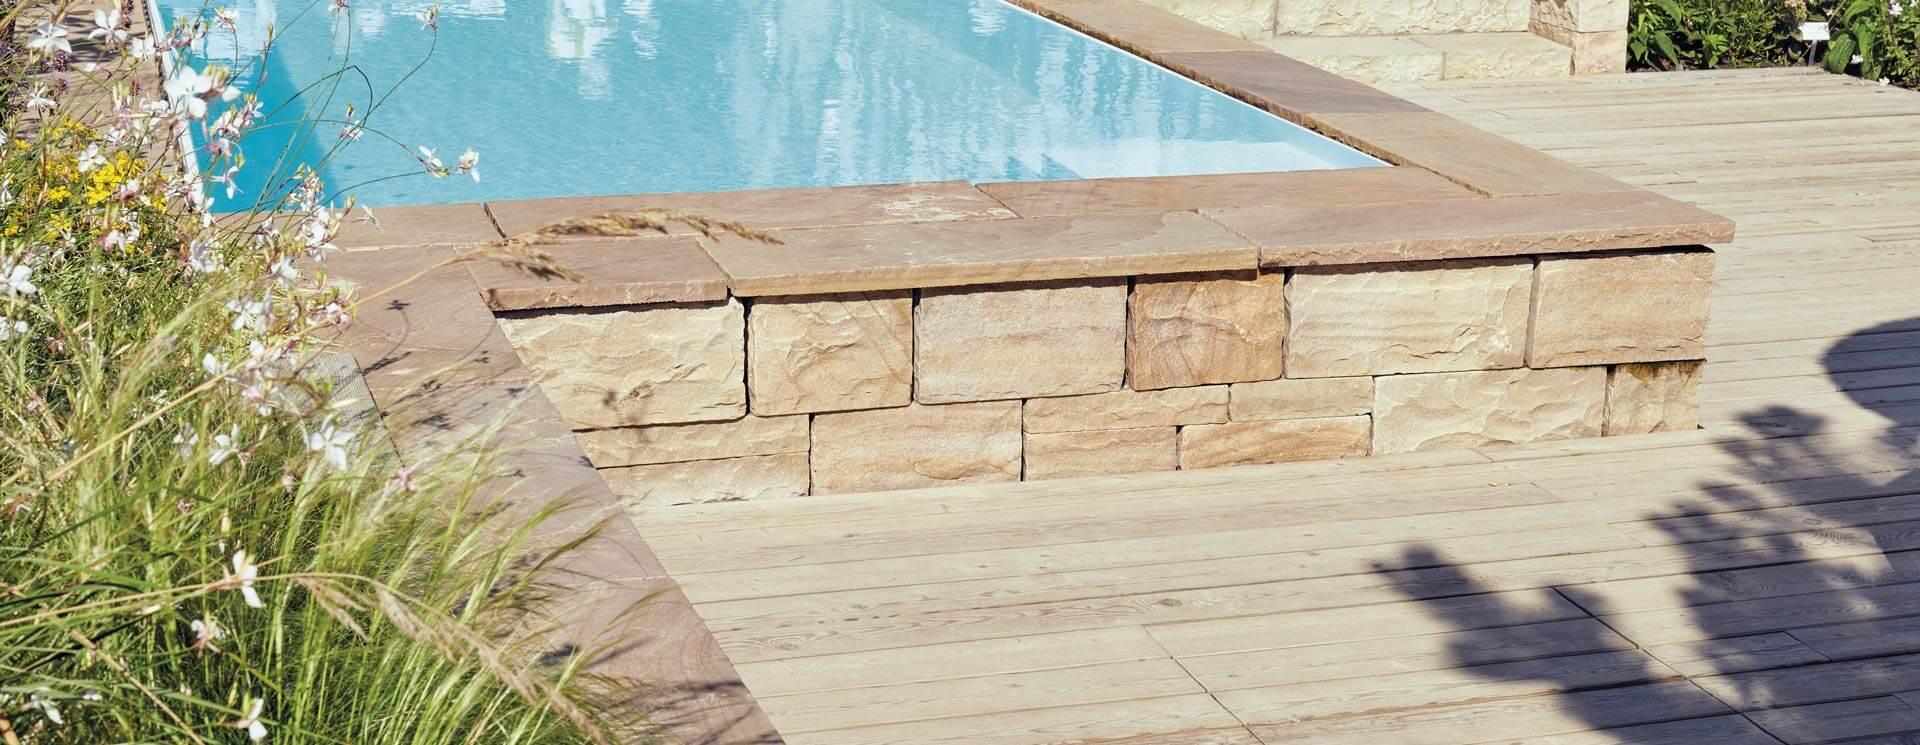 Pool-, Stufen-, Abdeckplatten